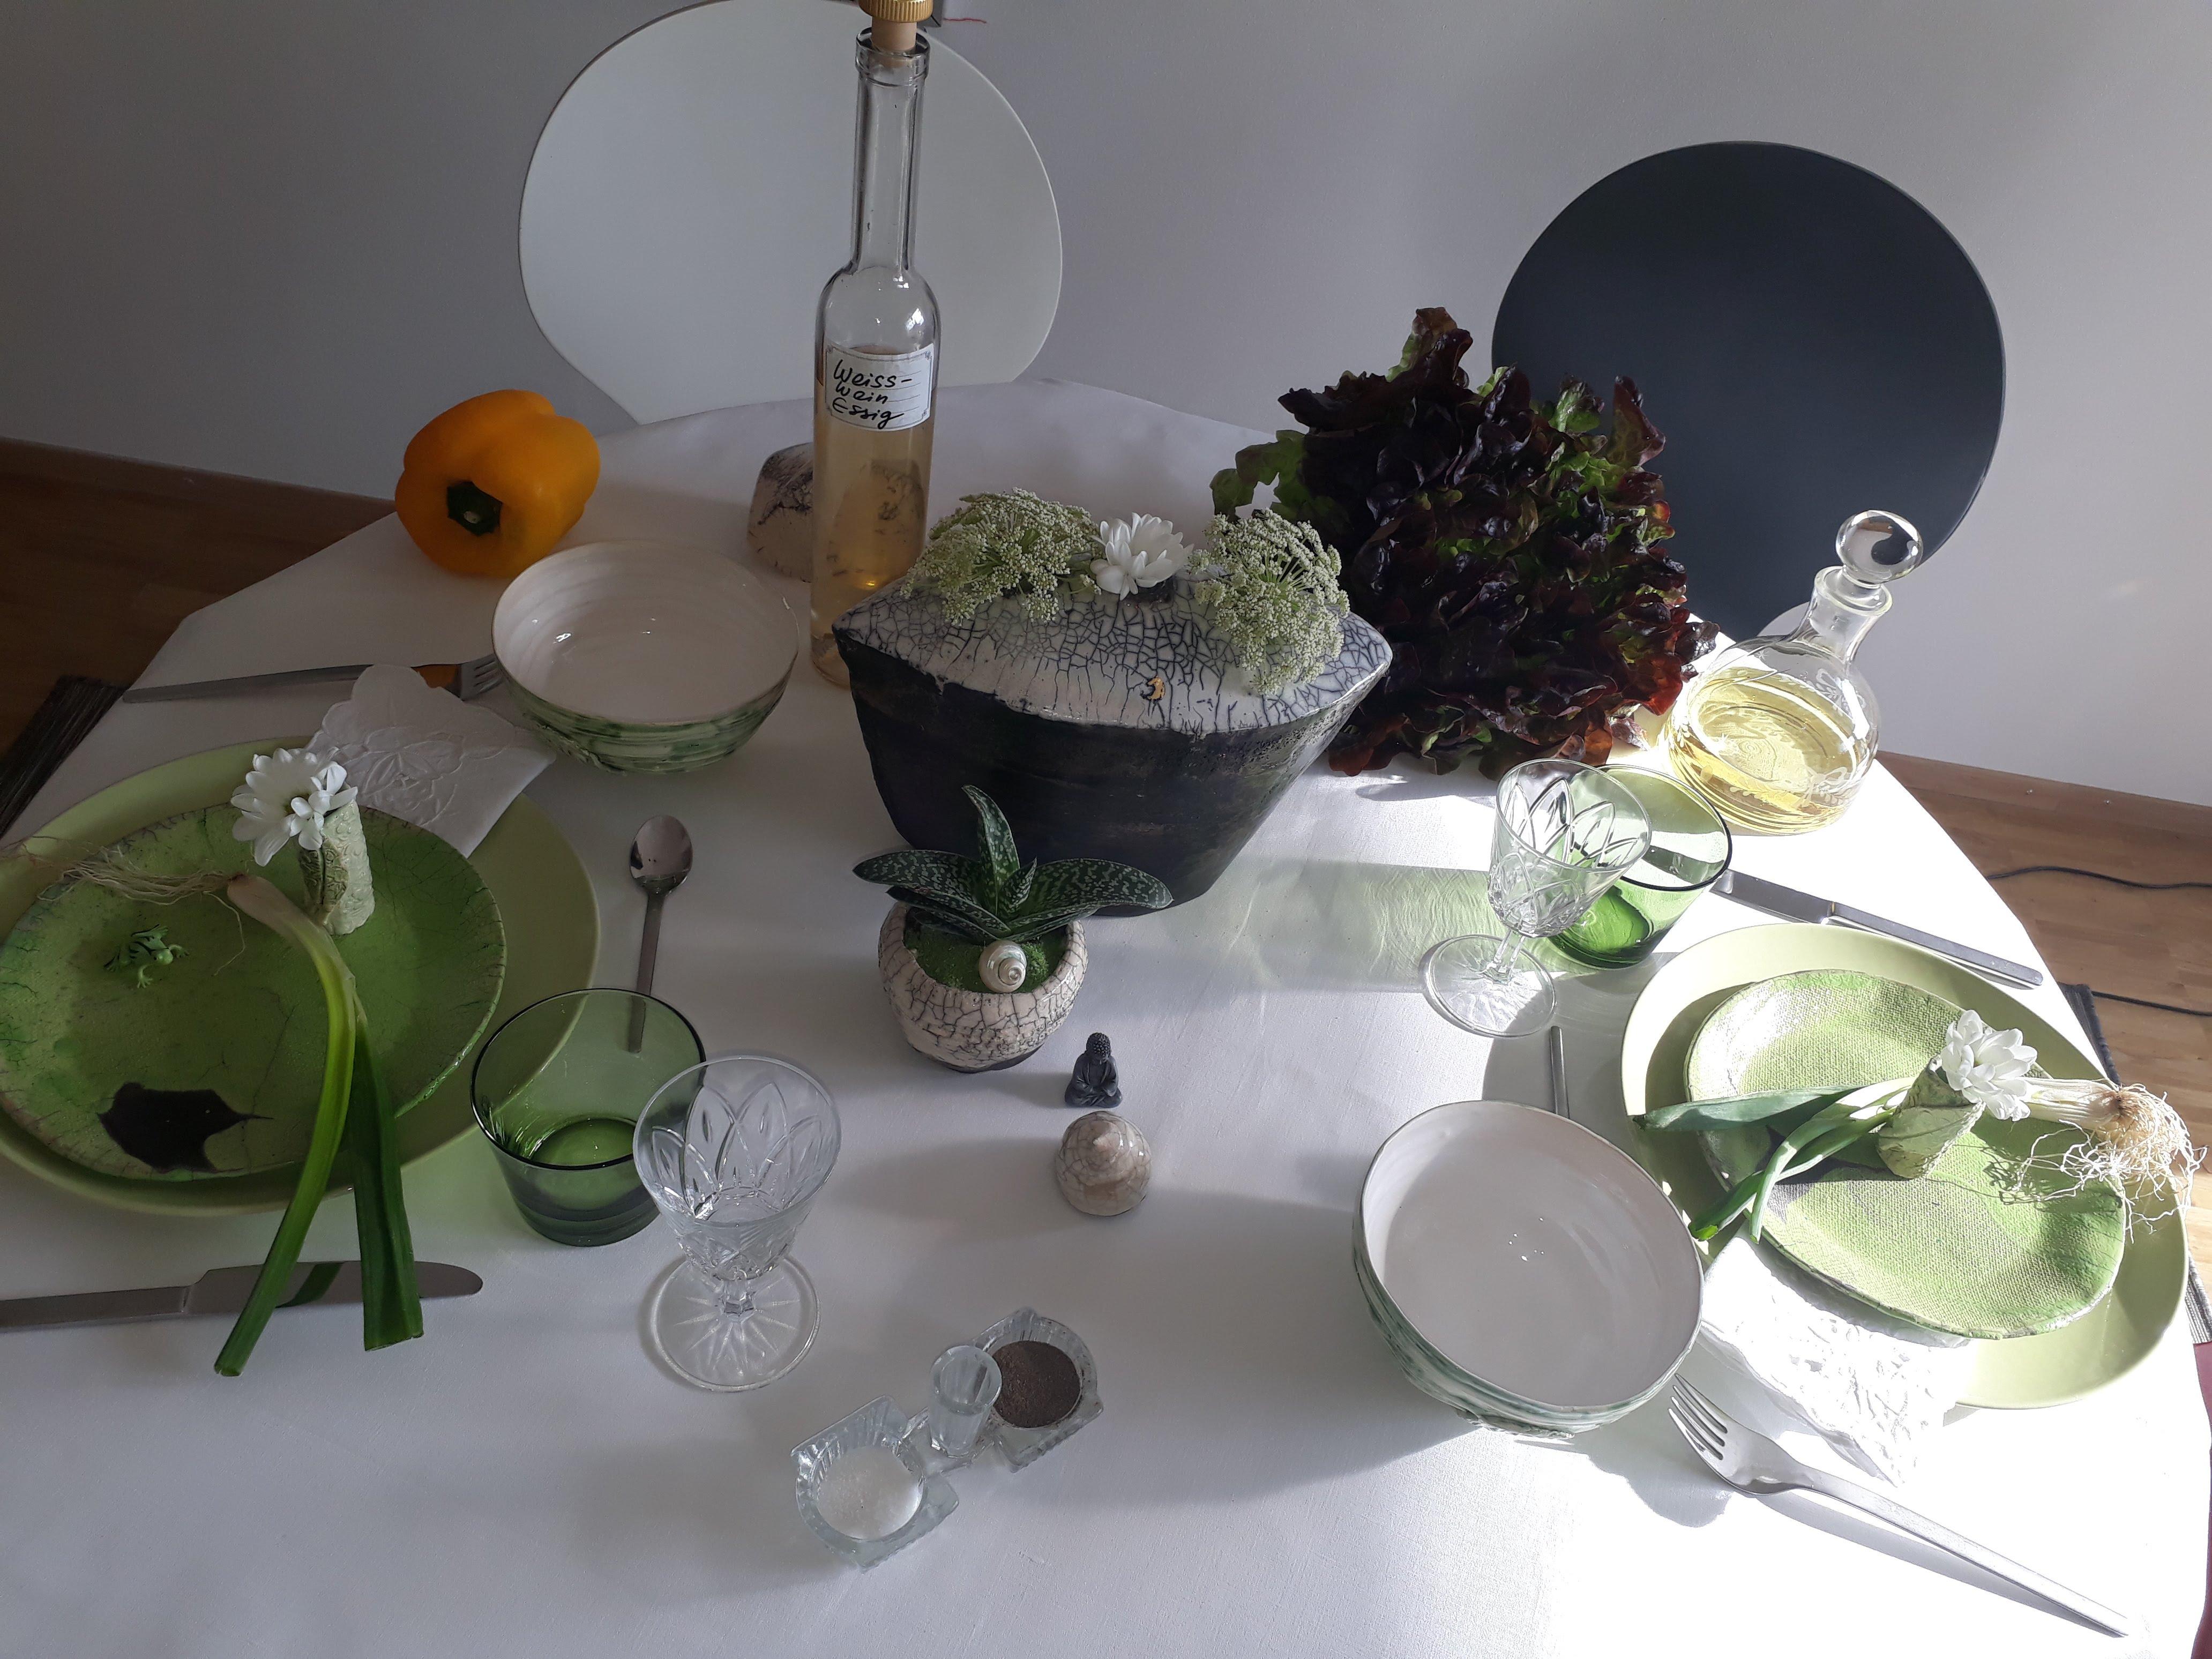 kochen f r g ste gemeinsam erleben gila fankhausers webseite. Black Bedroom Furniture Sets. Home Design Ideas